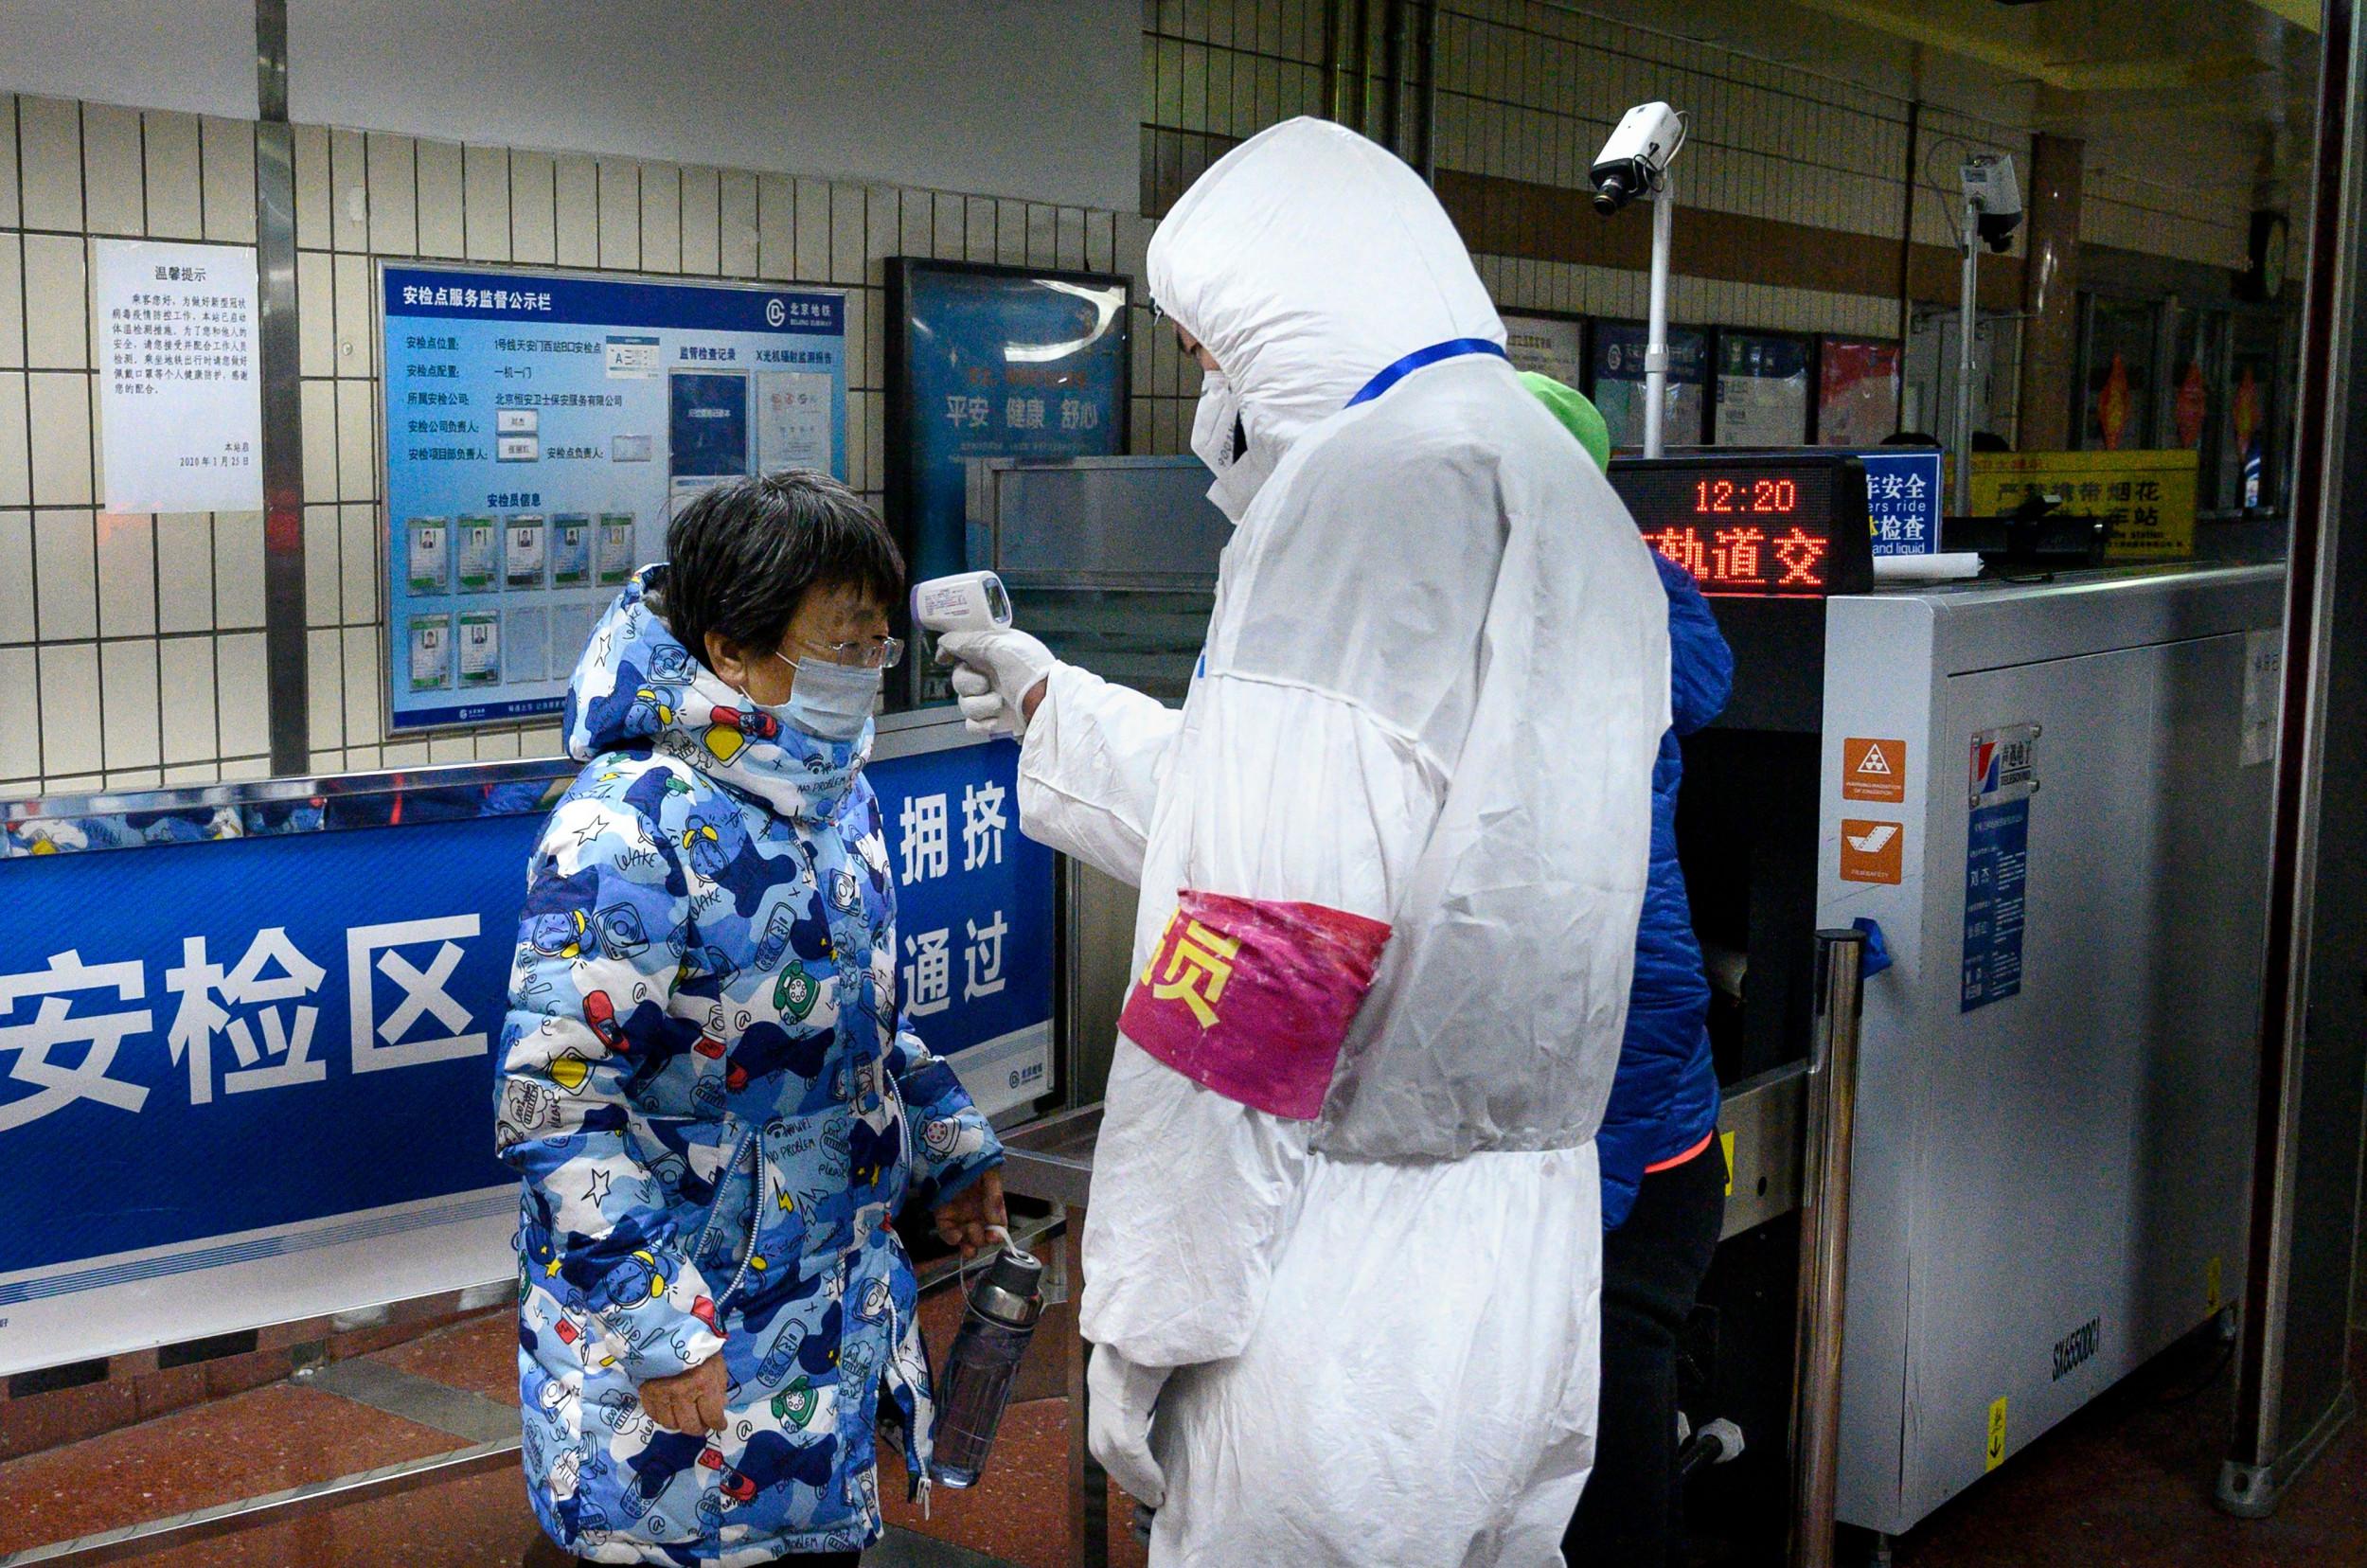 Хятадад эдгэрсэн өвчтөнүүдээс коронавирус дахин илэрсэн нь тодорхой болжээ